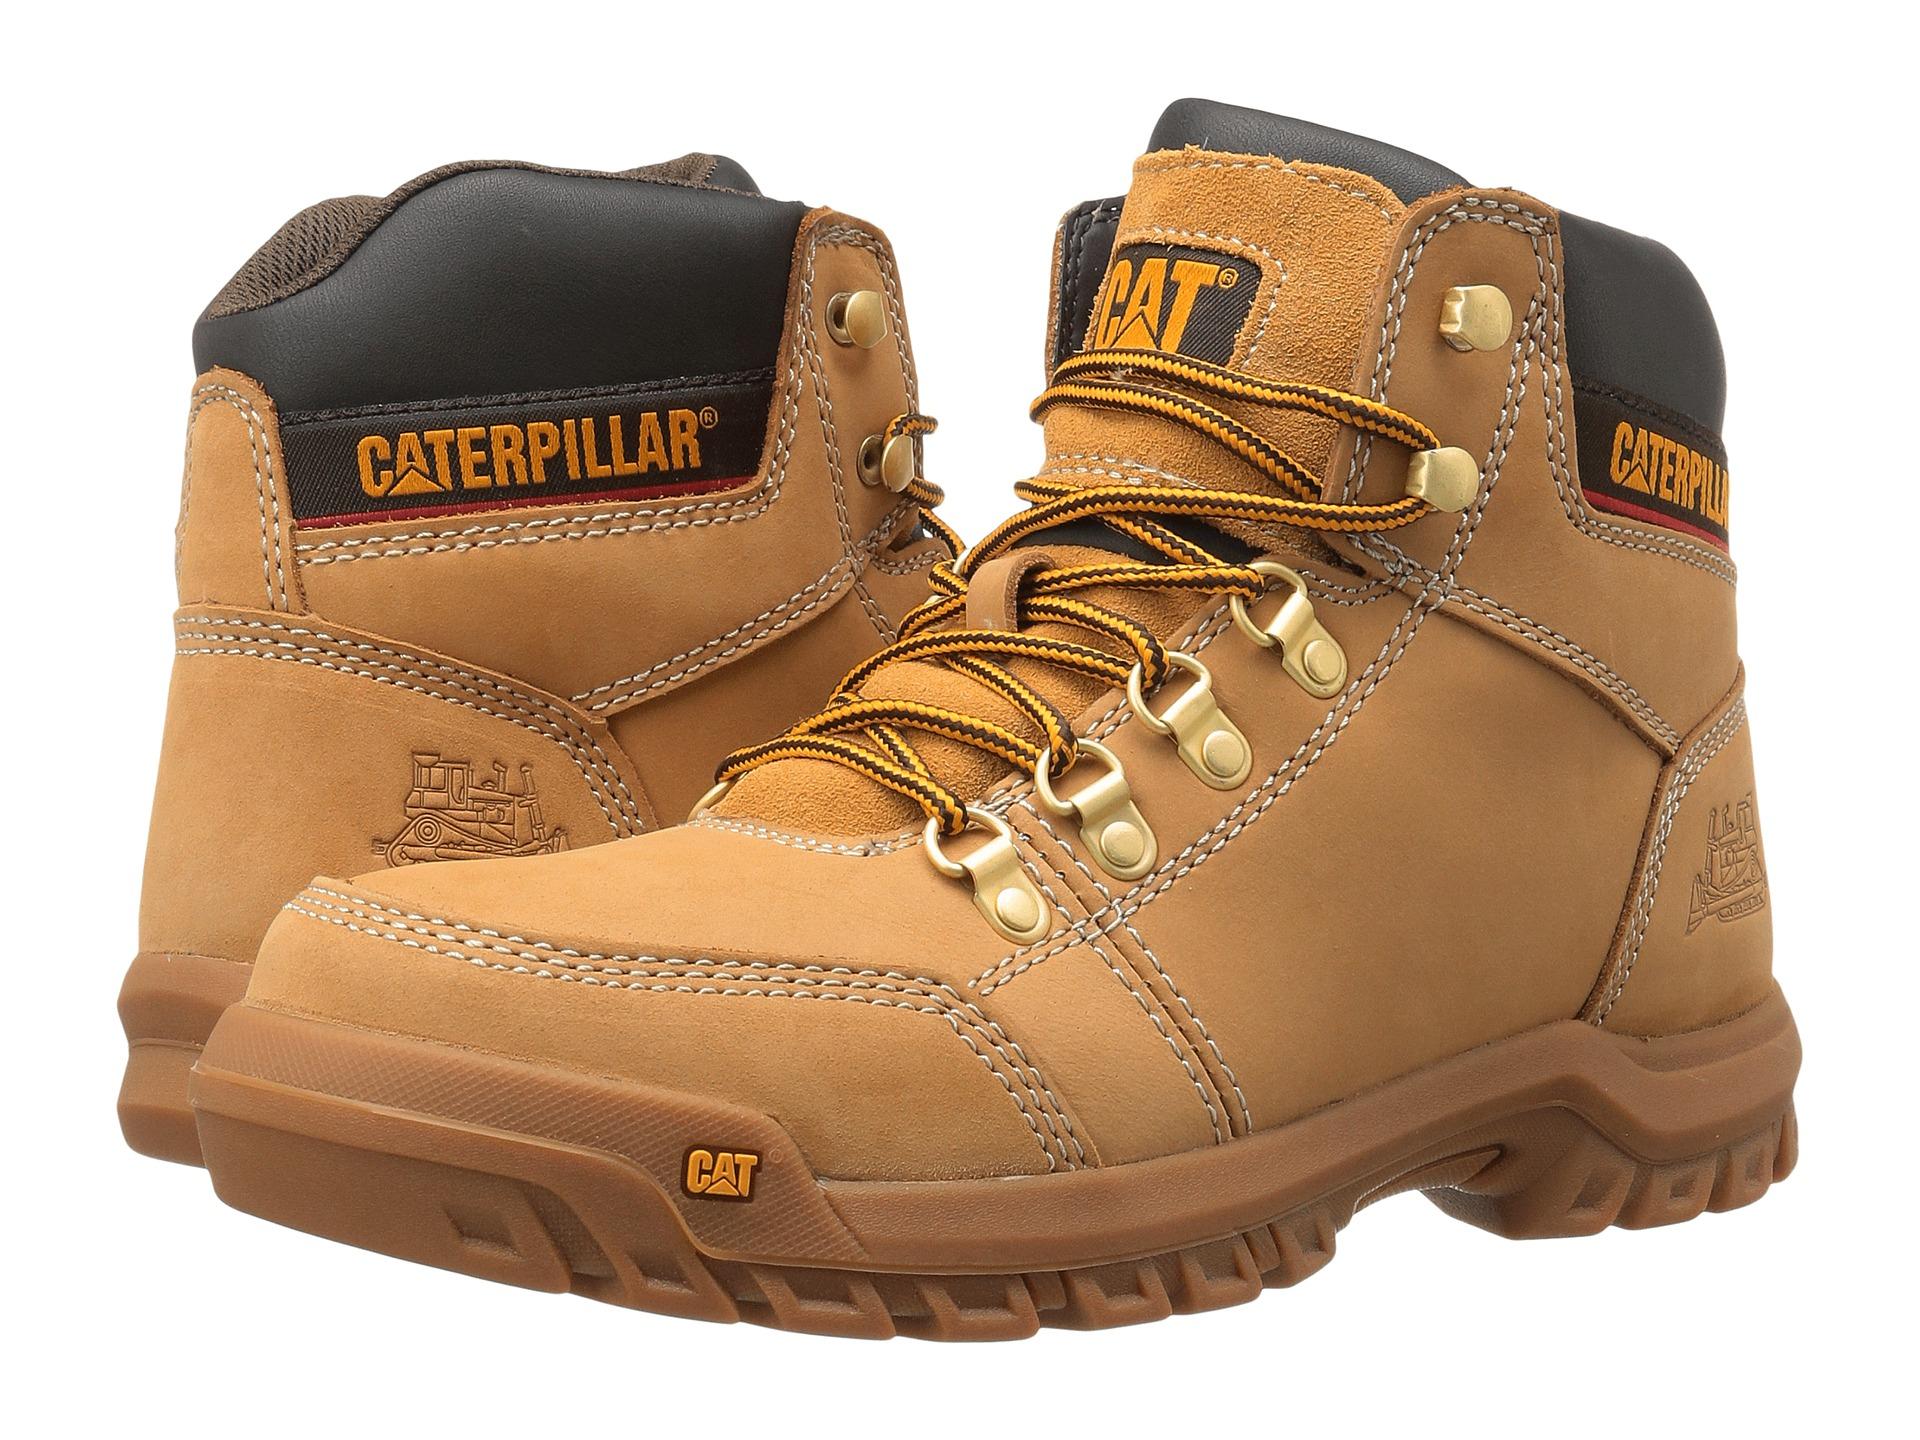 รองเท้า Caterpillar OUTLINE STEEL TOE WORK BOOT TOE Size 40 - 45